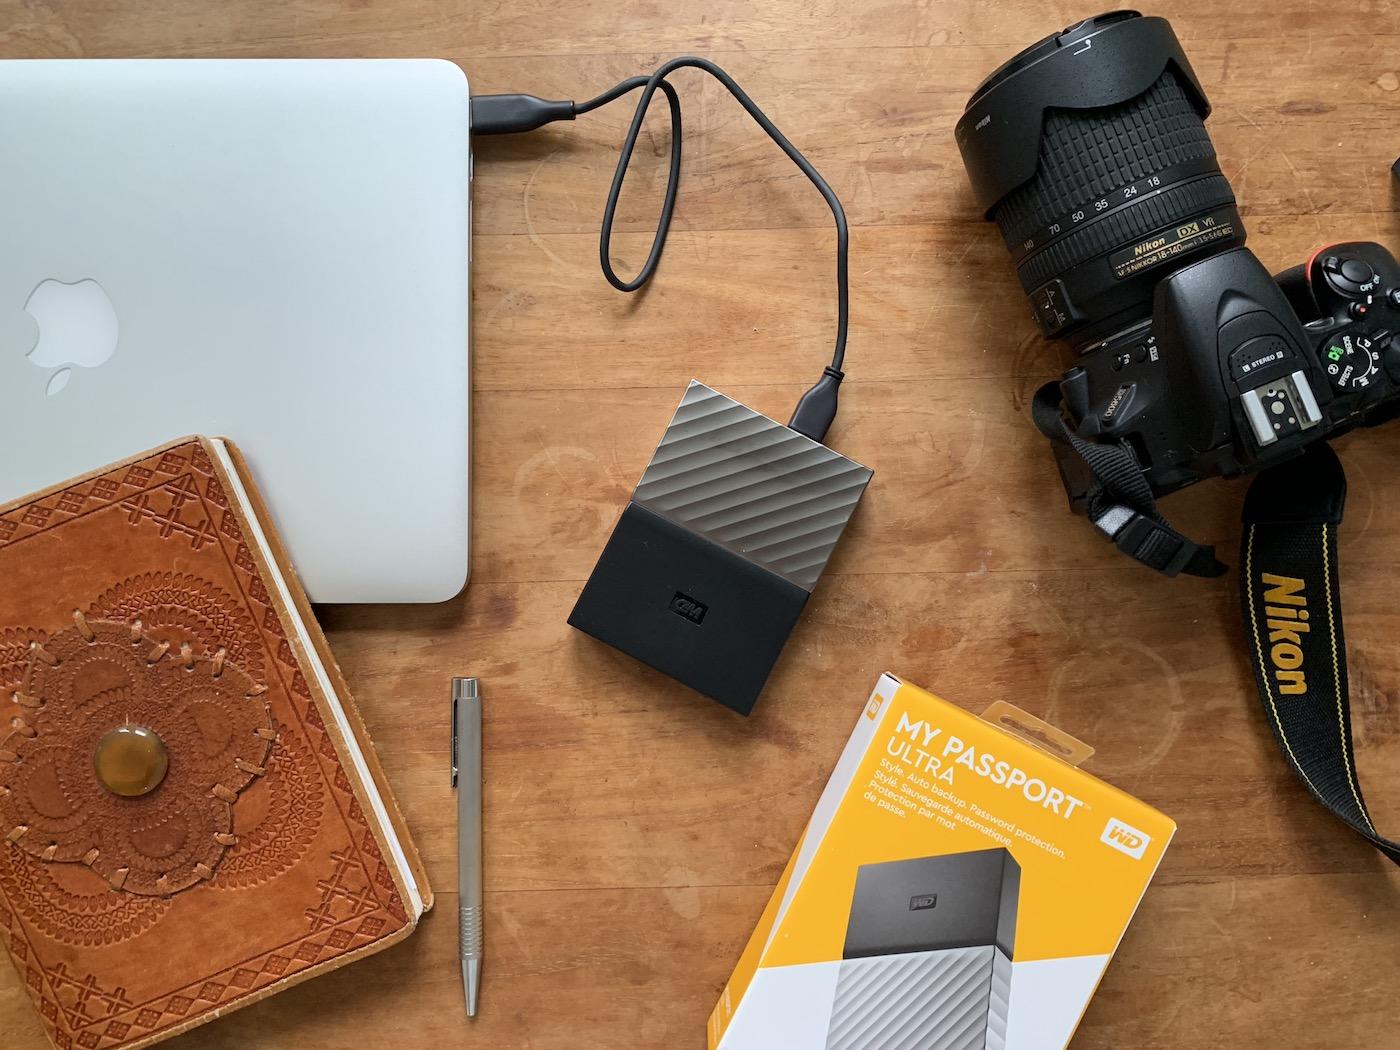 Back-up foto tijdens reizen